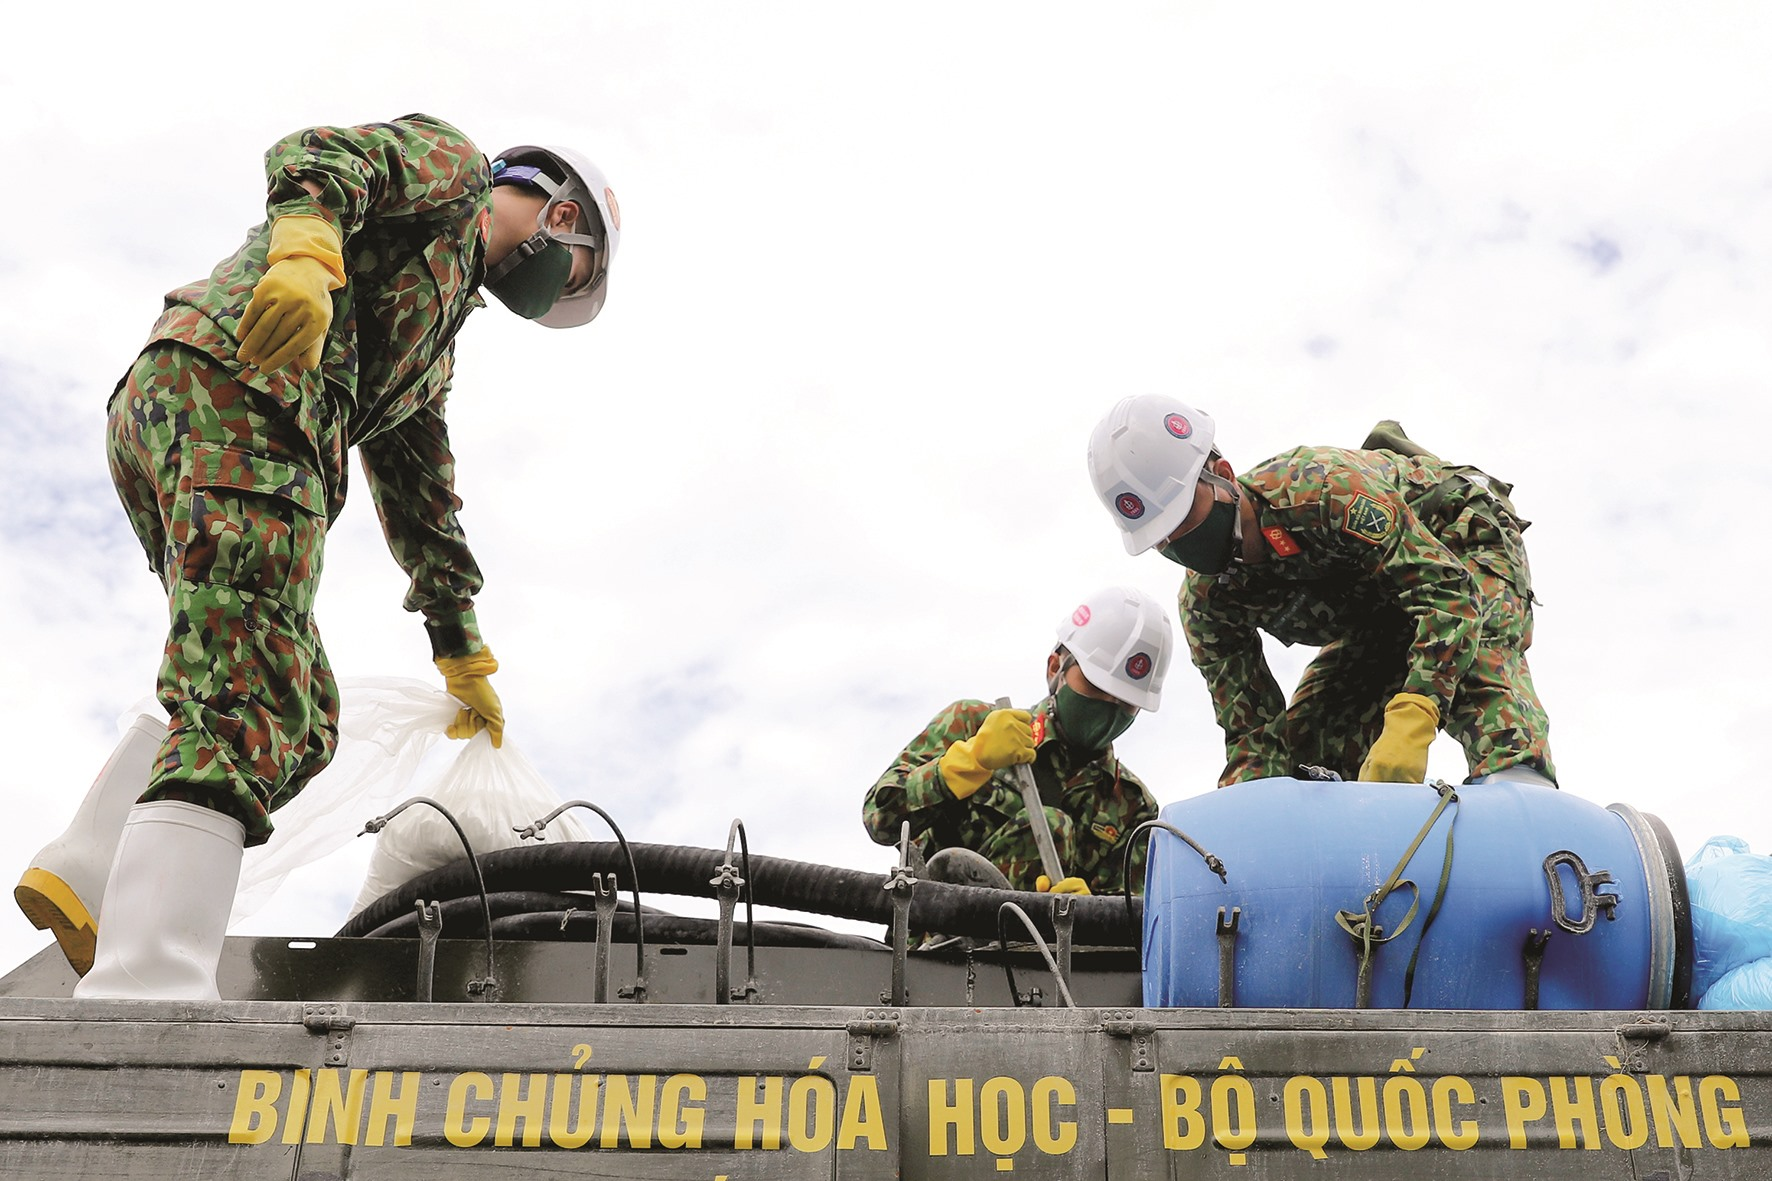 Lính phòng hóa kiểm tra hóa chất, thiết bị trước khi làm nhiệm vụ.